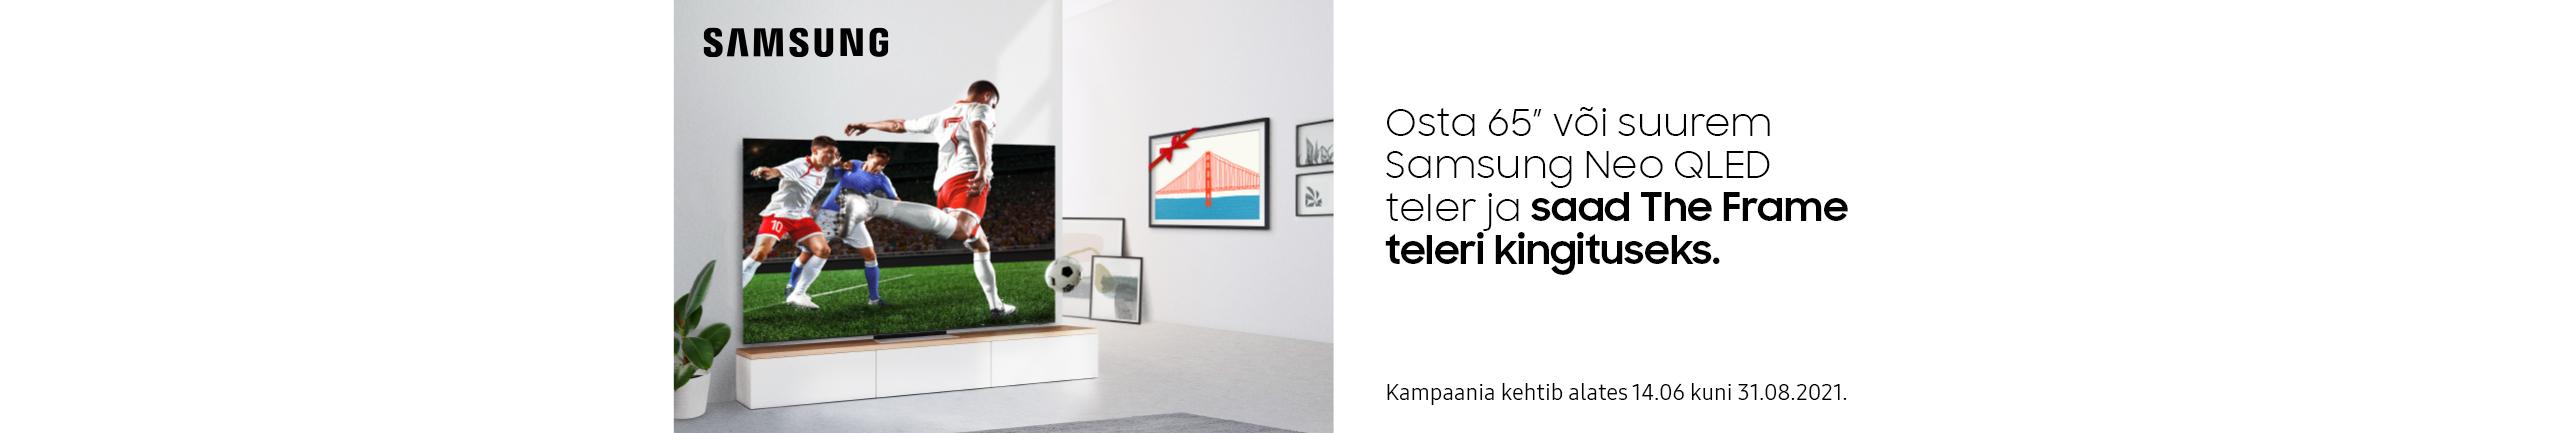 """Osta 65"""" või suurem Samsung Neo QLED teler ja saad The Frame teleri kingituseks!"""